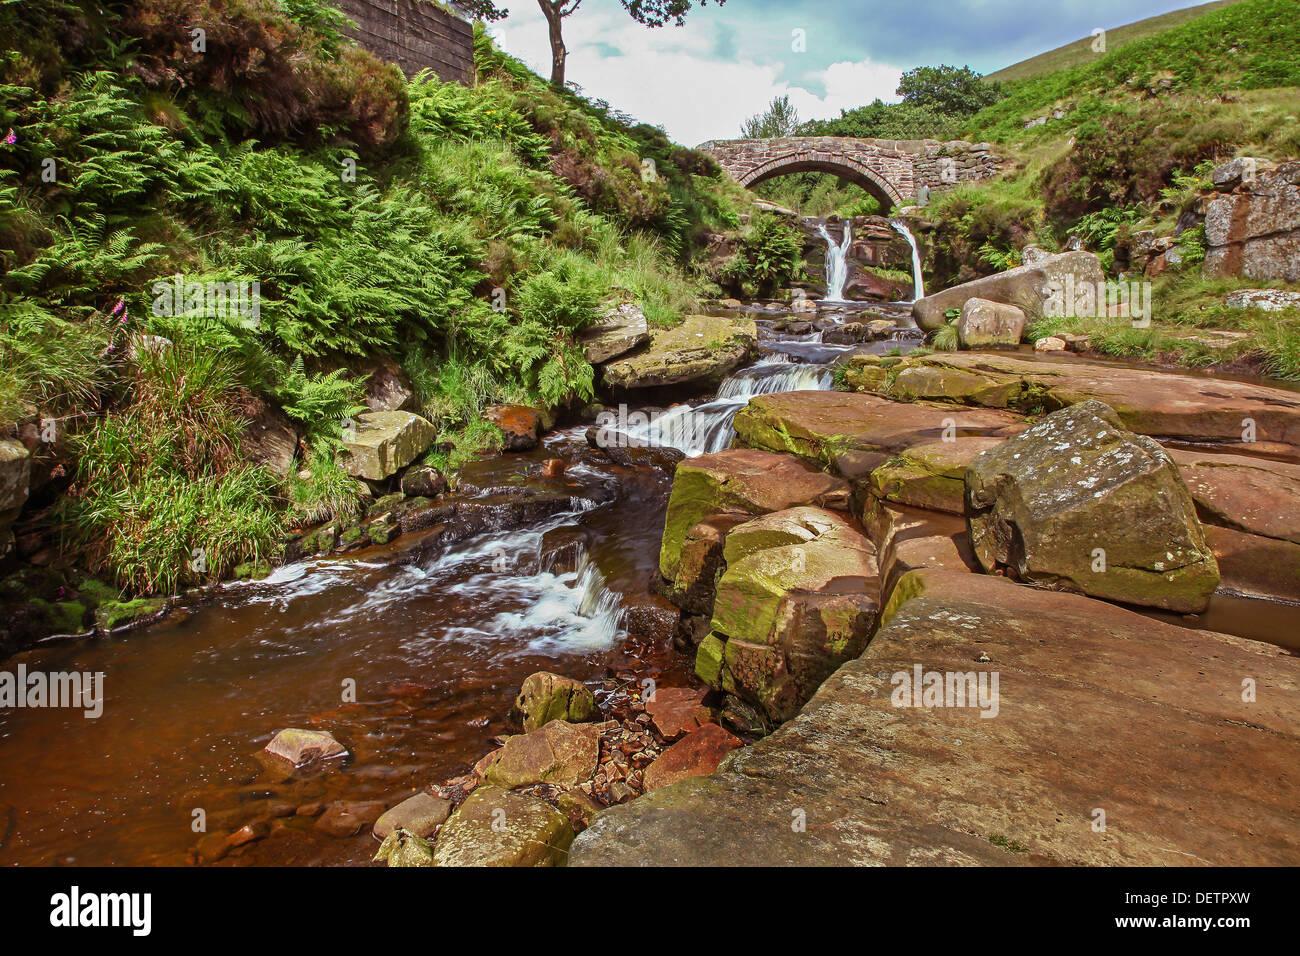 packhorse-bridge-at-the-river-dane-at-th